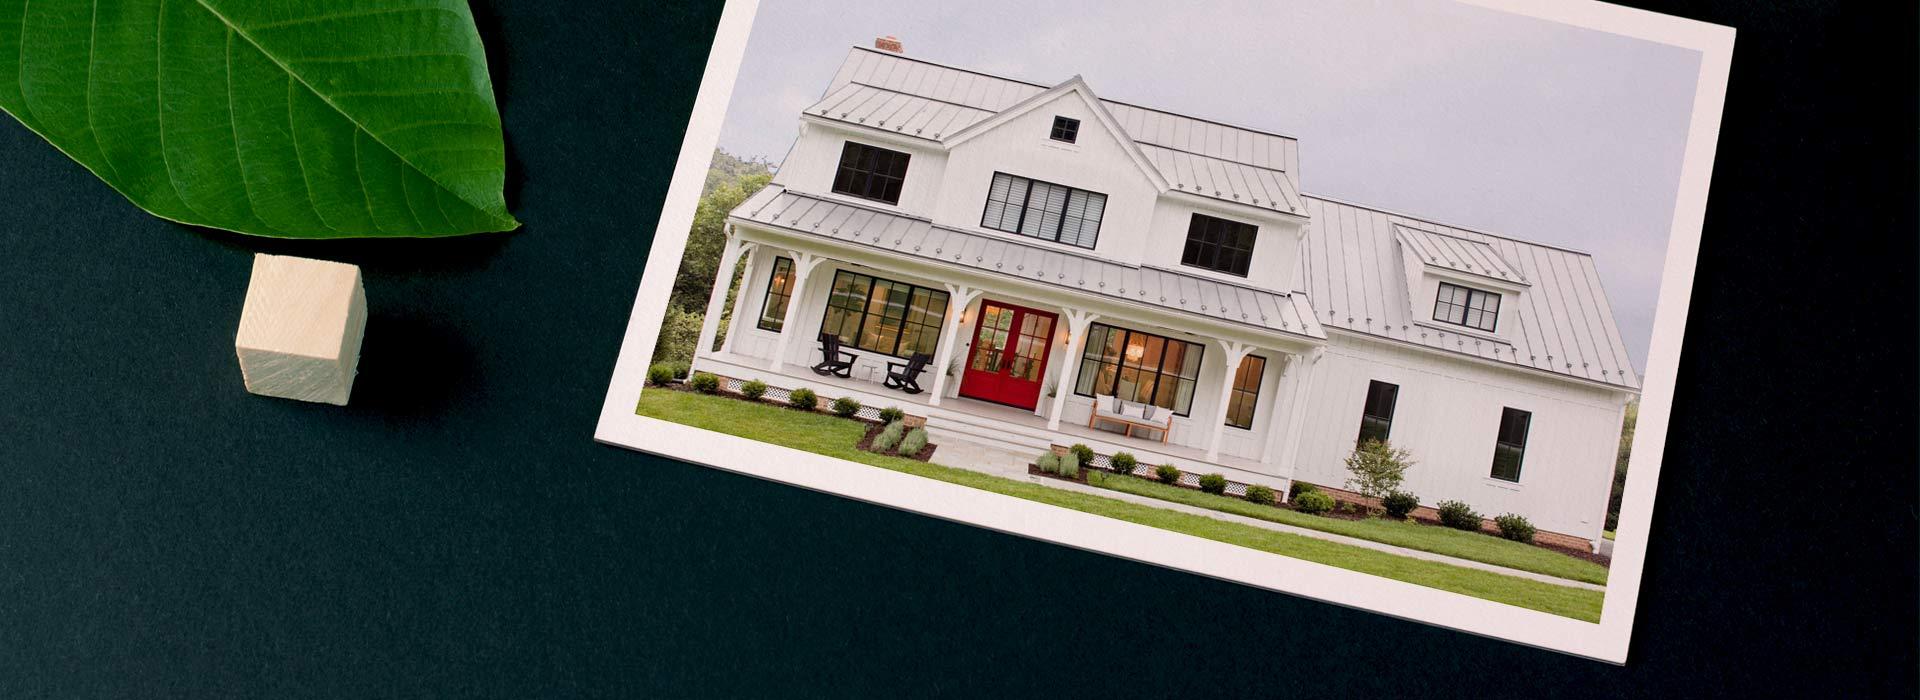 سبک معماری خانه های روستایی